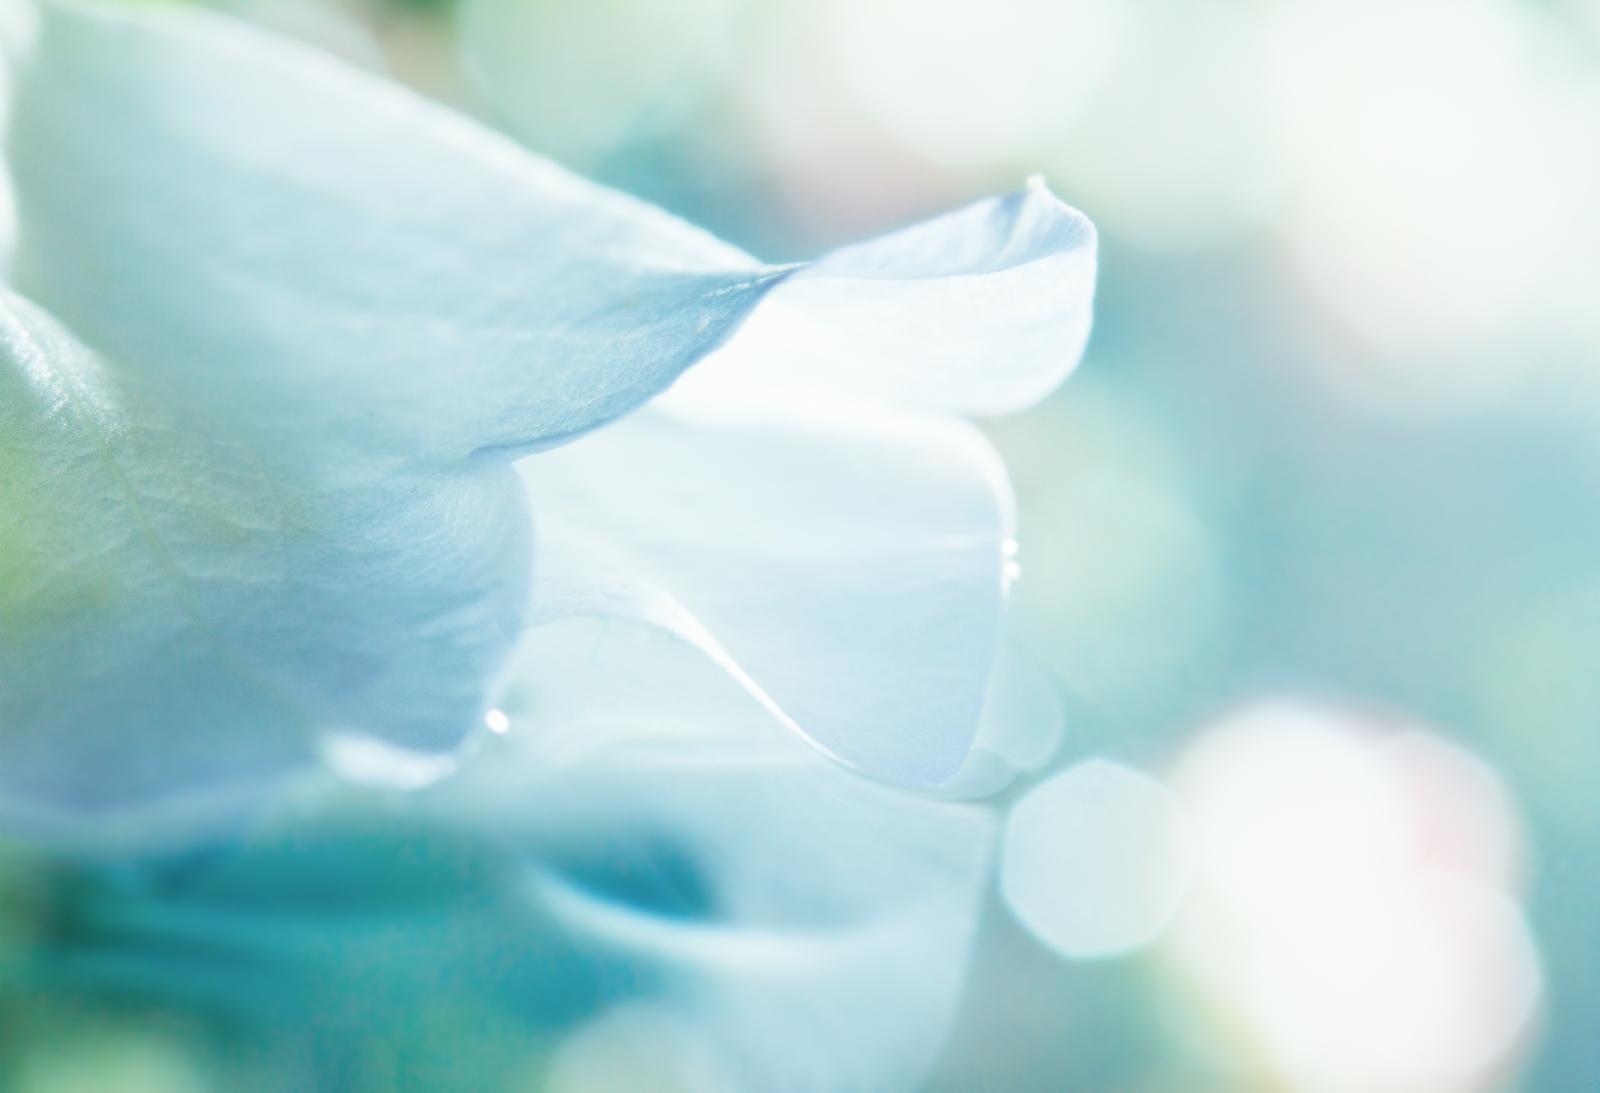 flower-background-1